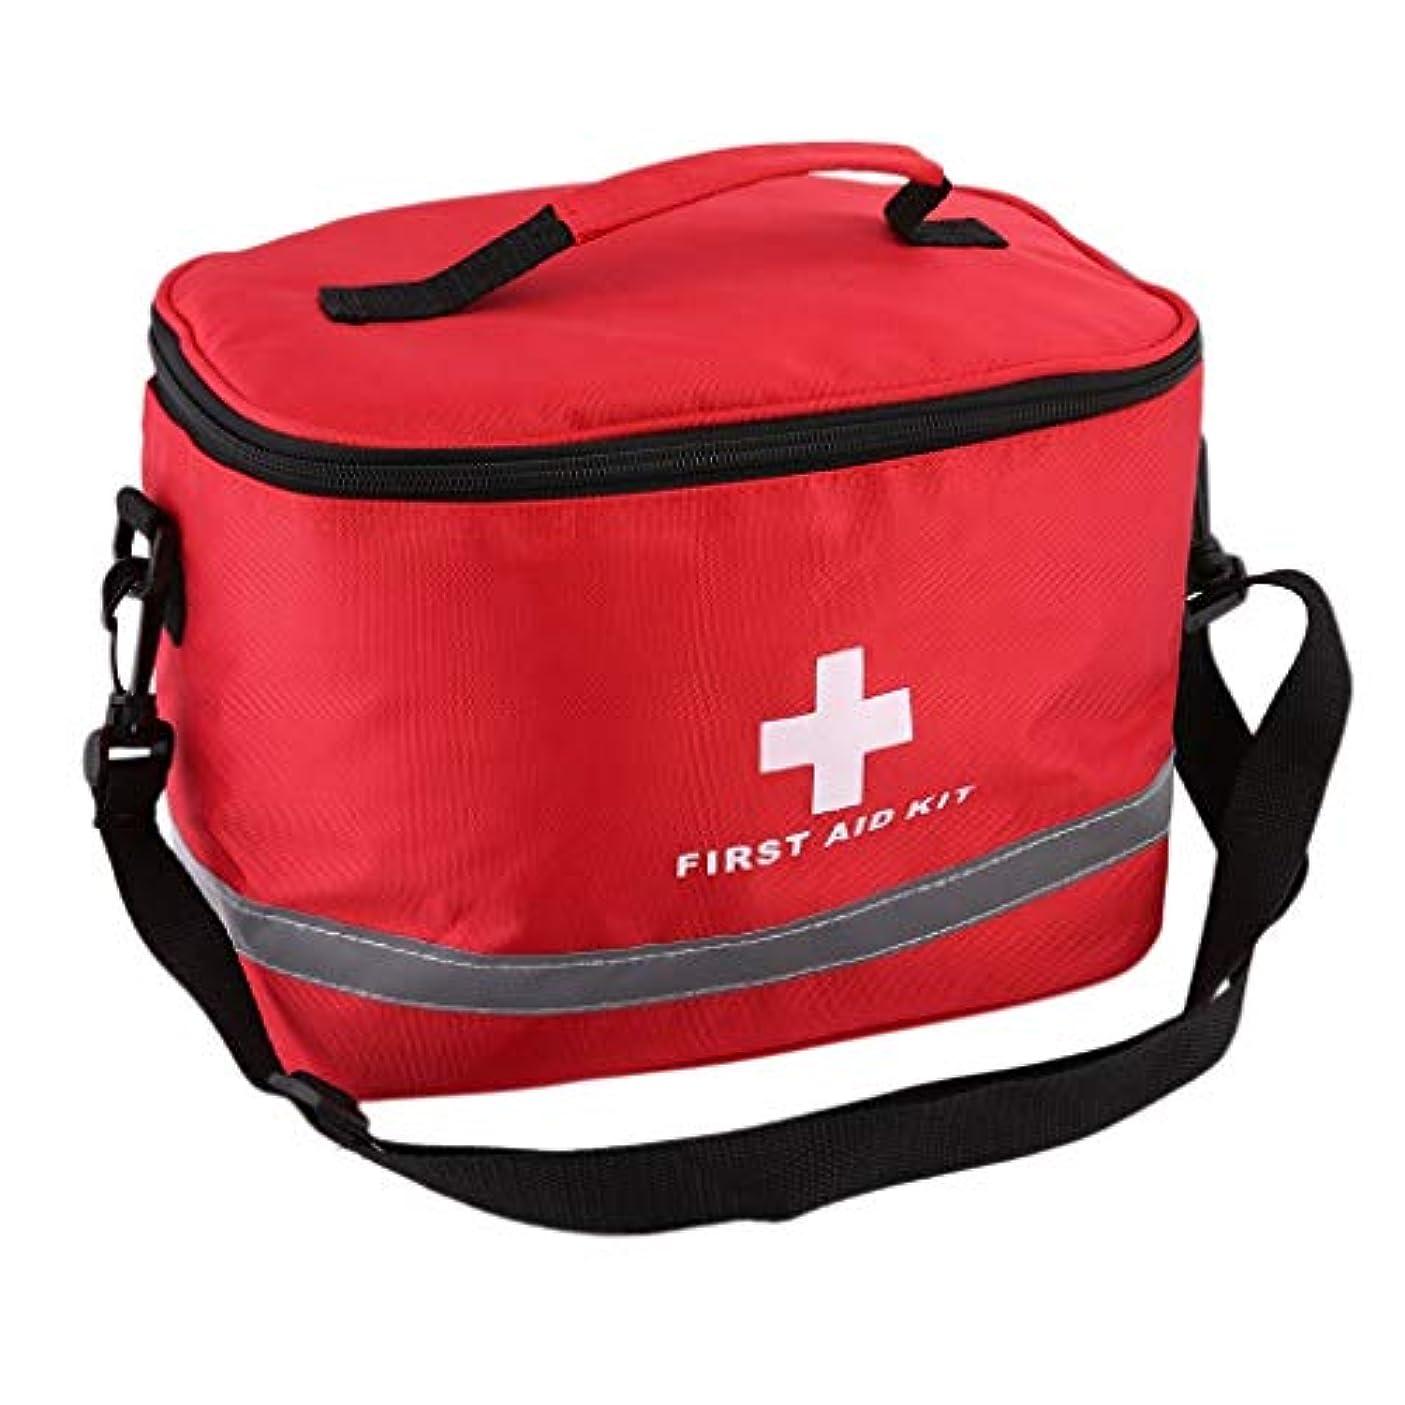 水っぽい司法驚いたことにDjyyh 医療緊急サバイバル応急処置キットバッグ - レッドナイロン高密度リップストップスポーツキャンプ